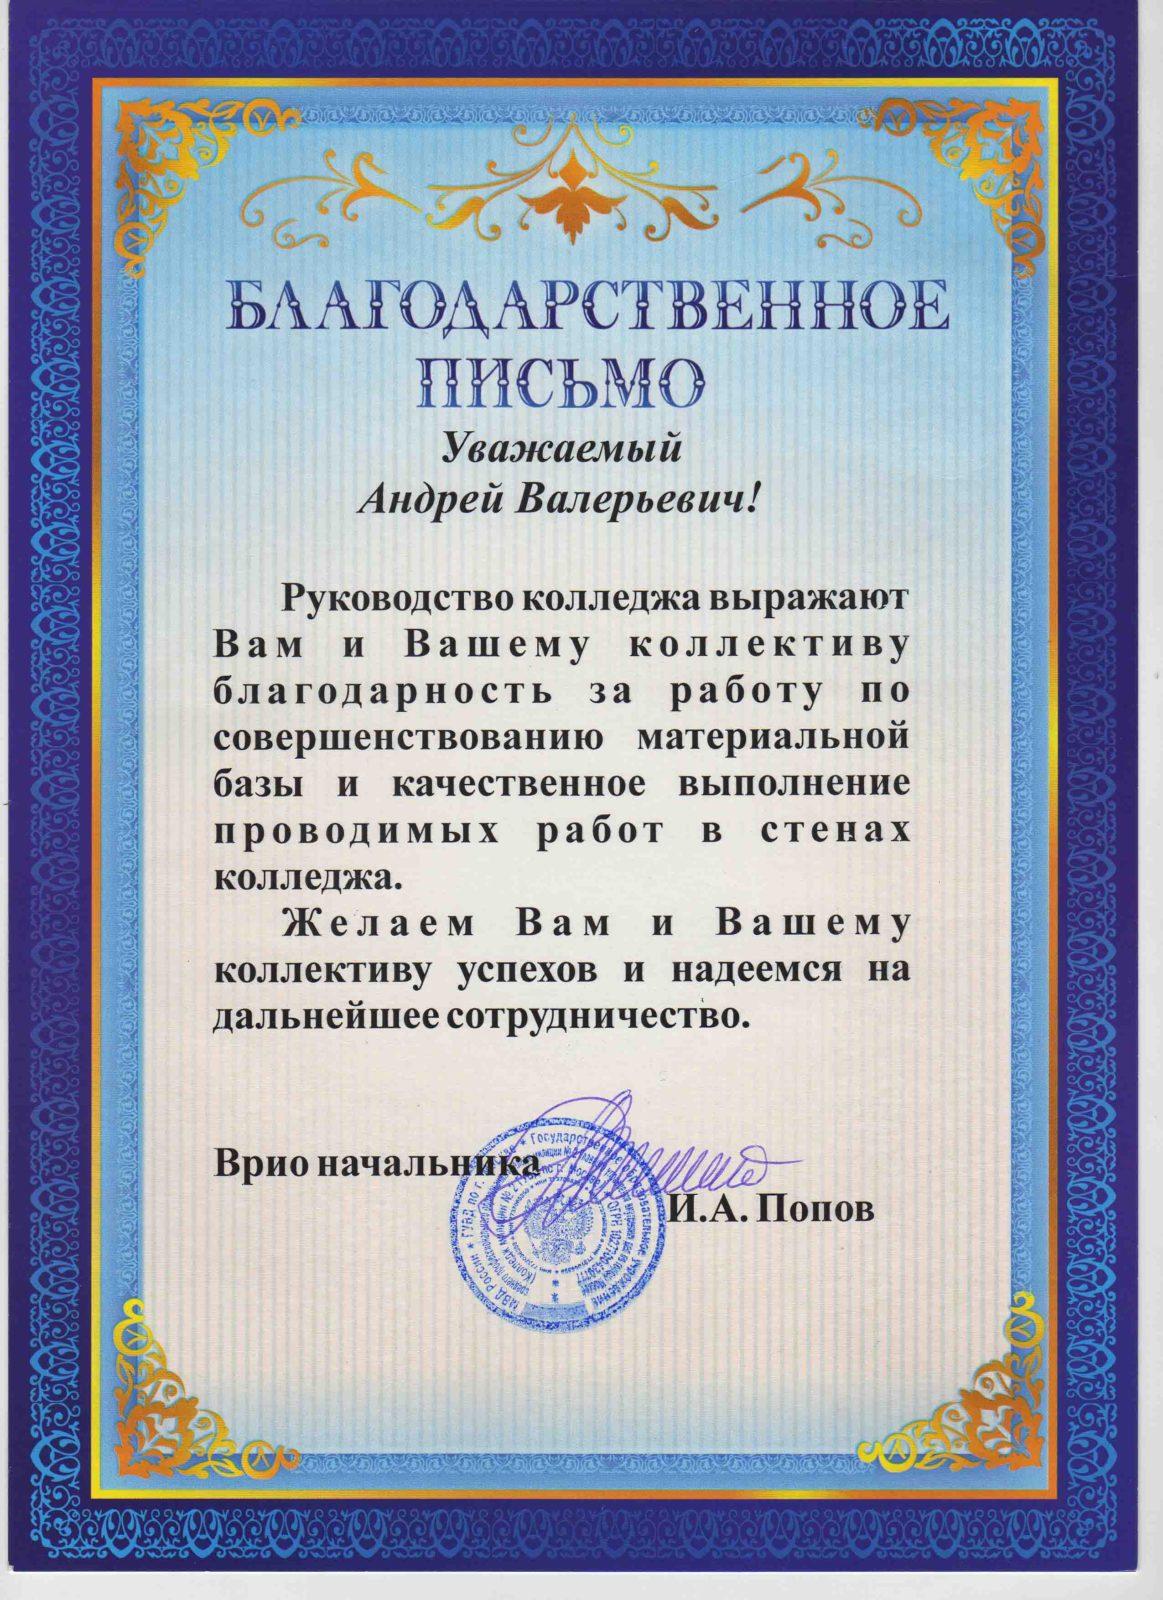 pismo-ot-kolledzha-milicii032